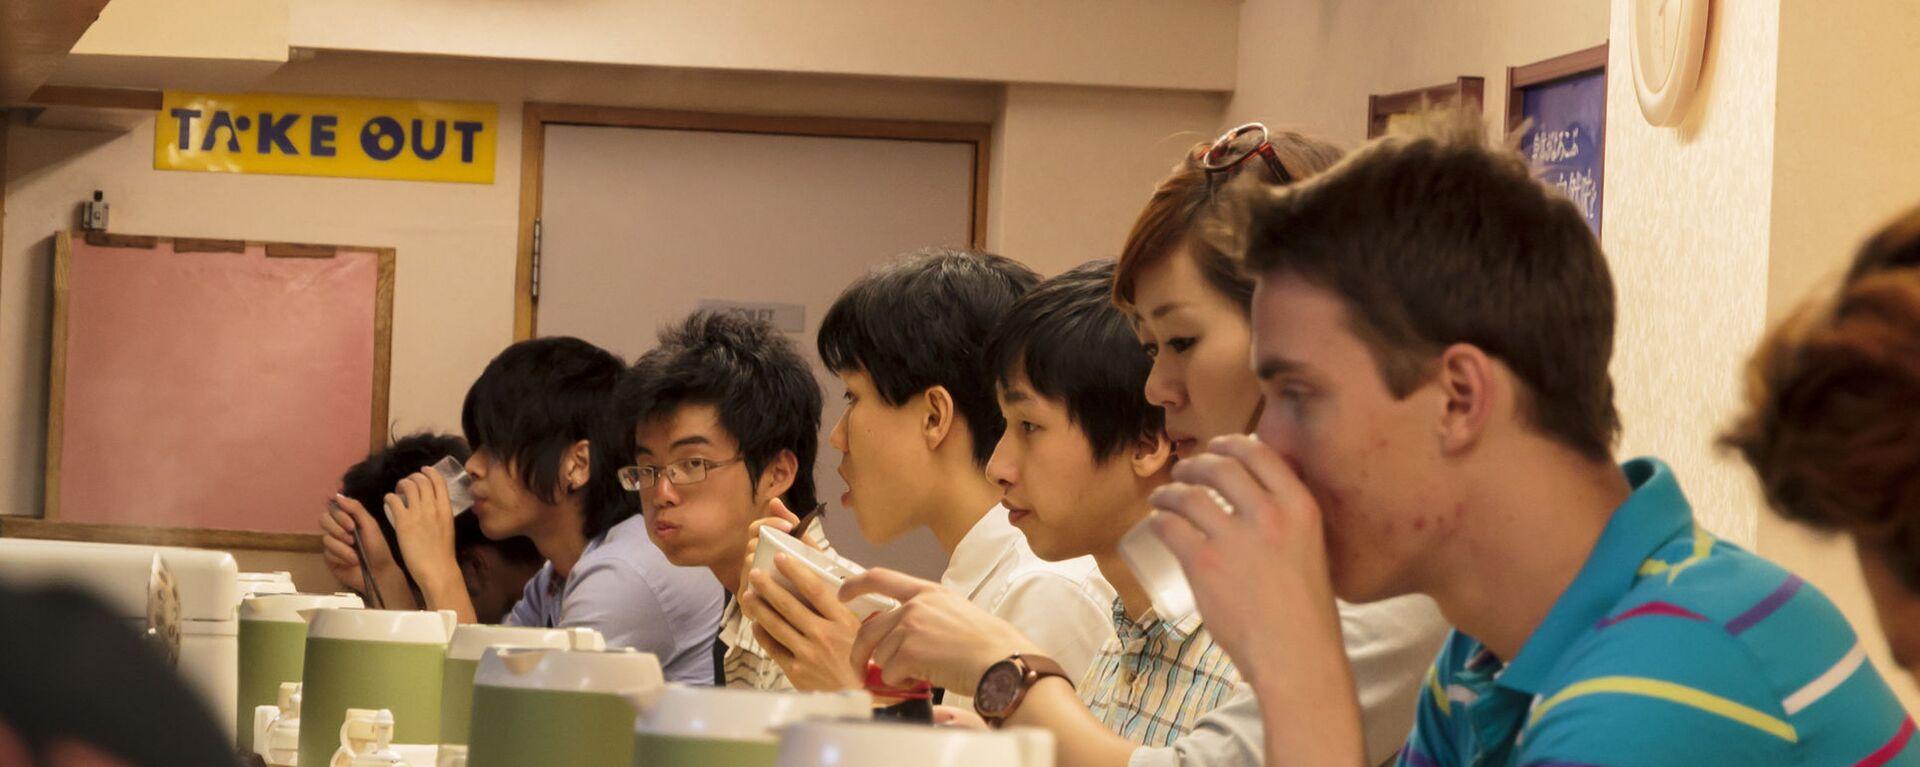 外国人と食事 - Sputnik 日本, 1920, 25.05.2021